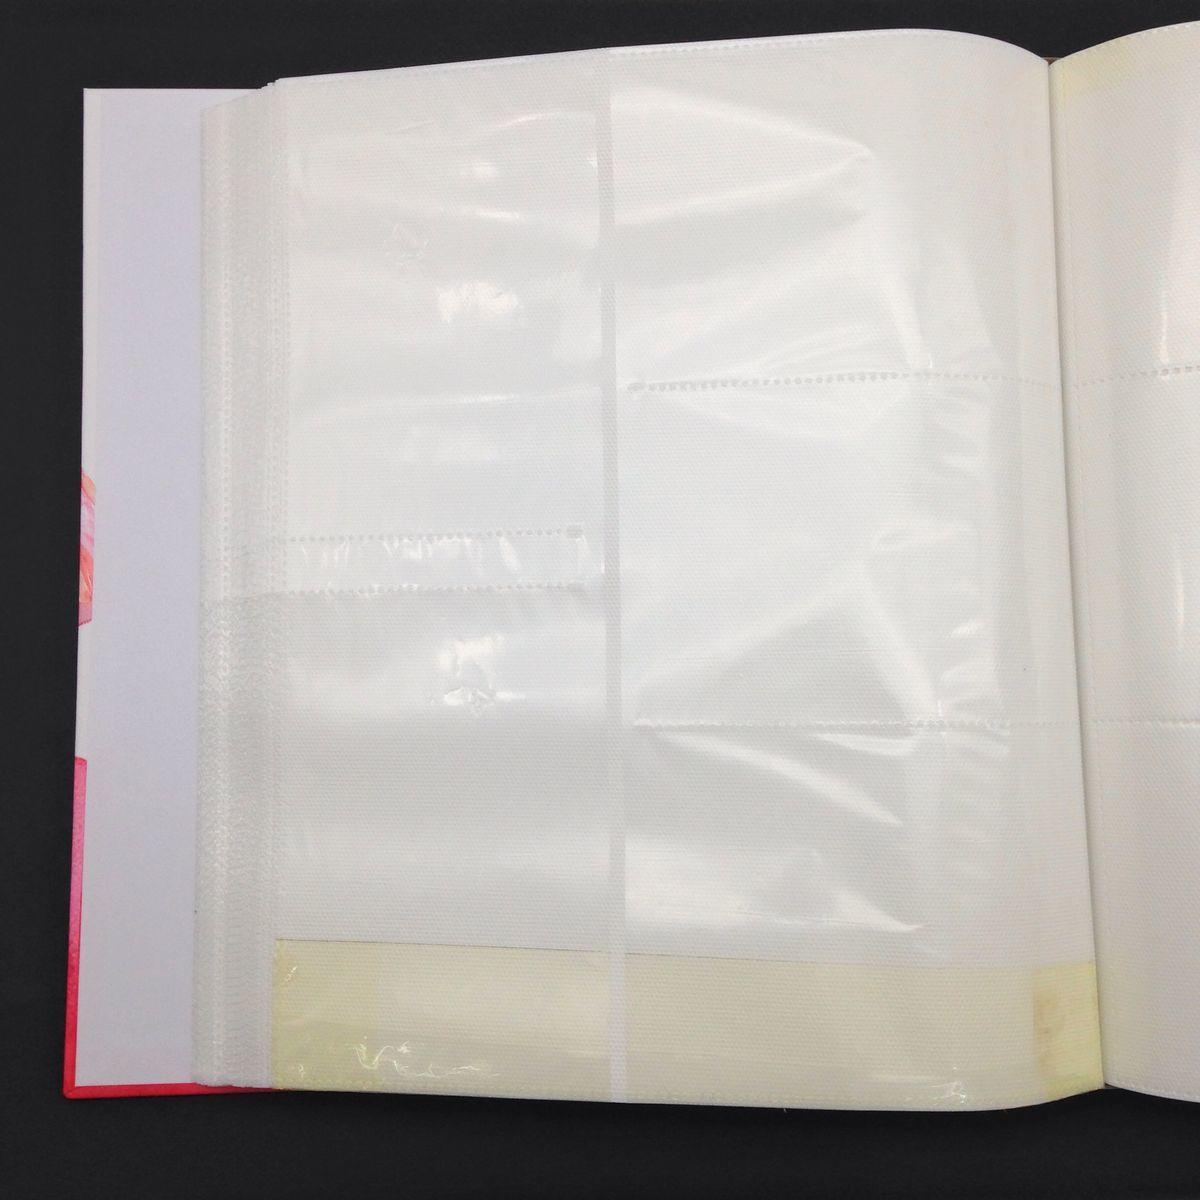 【訳あり】フォトアルバム フラミンゴ 水彩画風 ケース付き 大容量_画像5